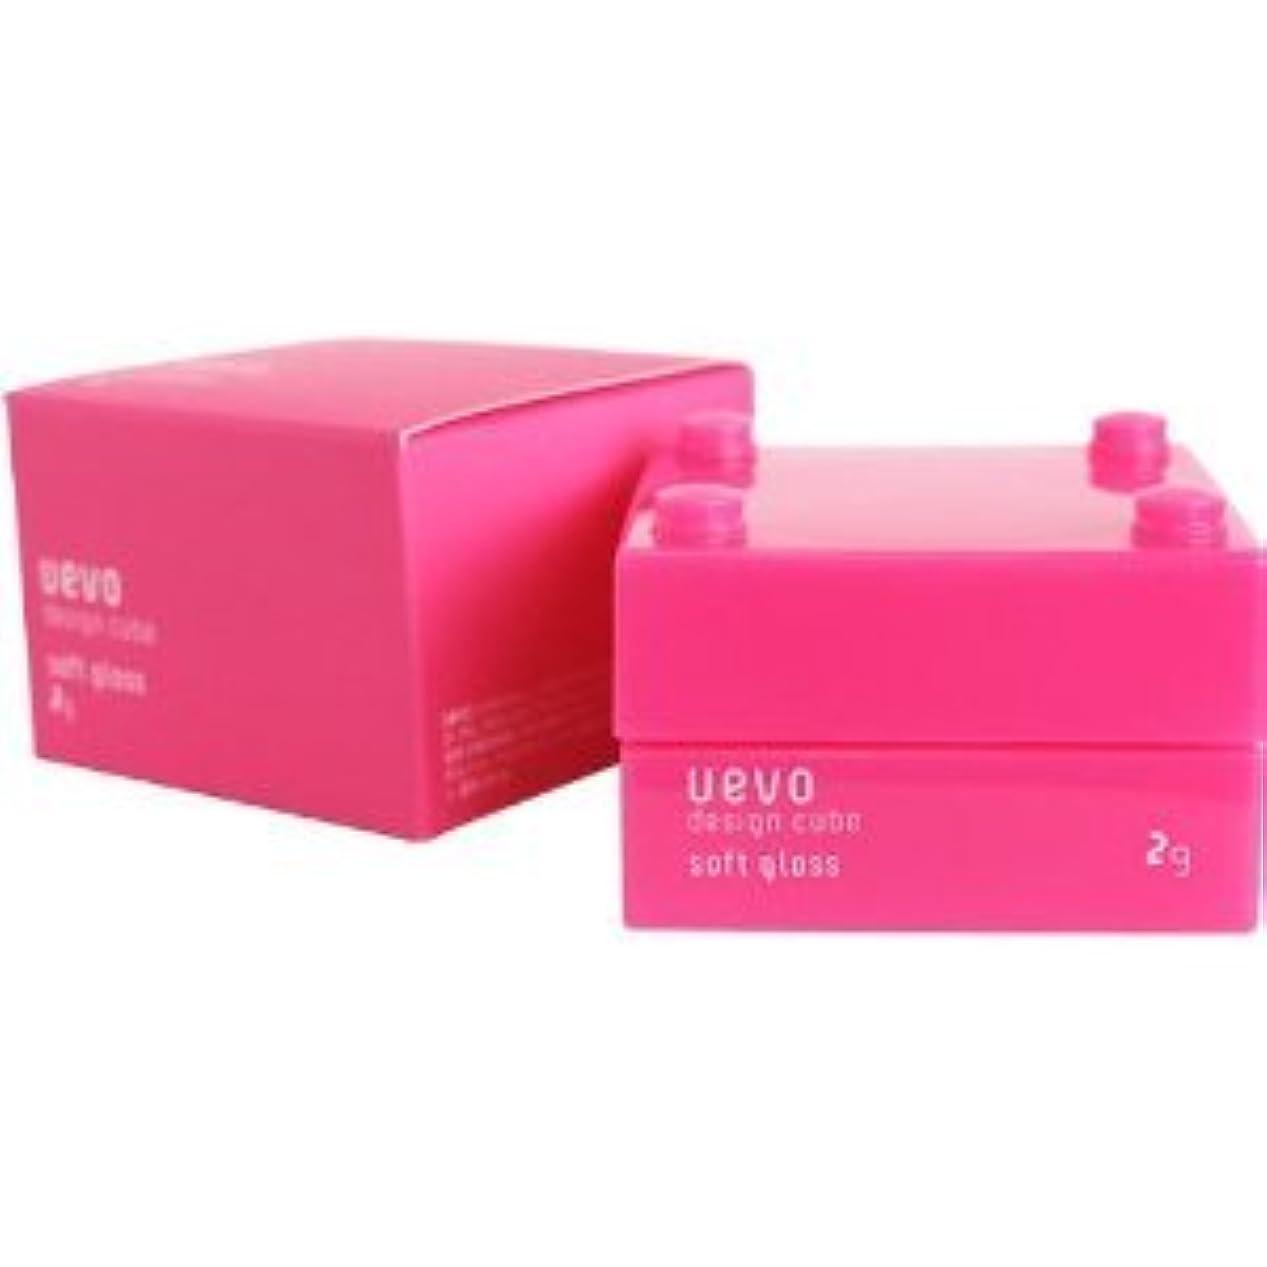 哀分泌する家庭教師【X2個セット】 デミ ウェーボ デザインキューブ ソフトグロス 30g soft gloss DEMI uevo design cube